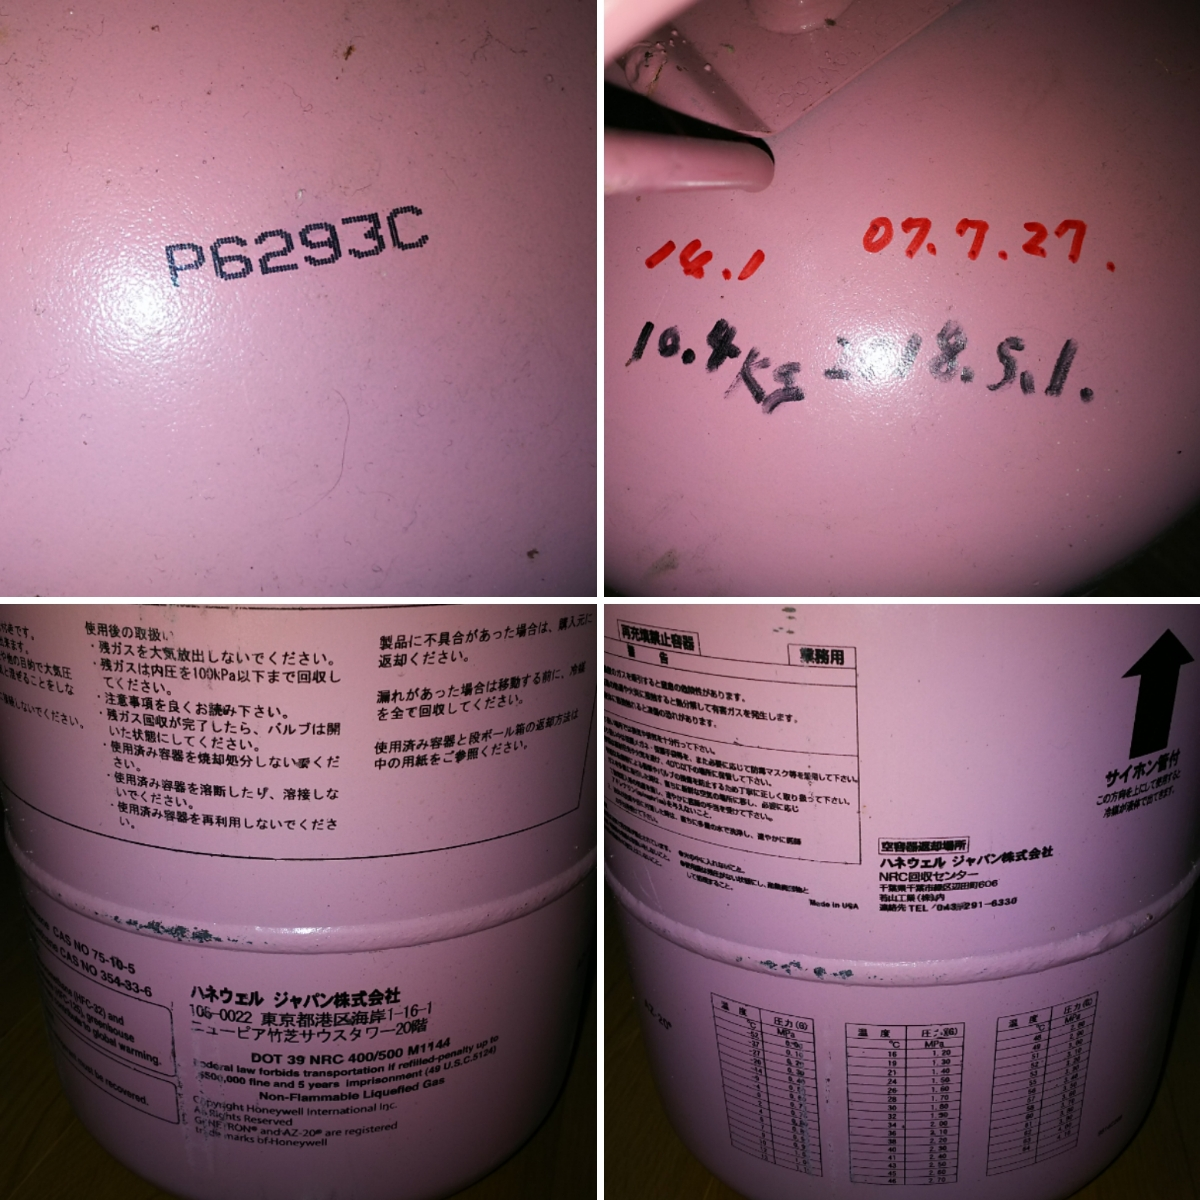 [使いかけ] R-410a R410a エアコン 冷媒 ガス 10.4kg [使用途中]_画像2